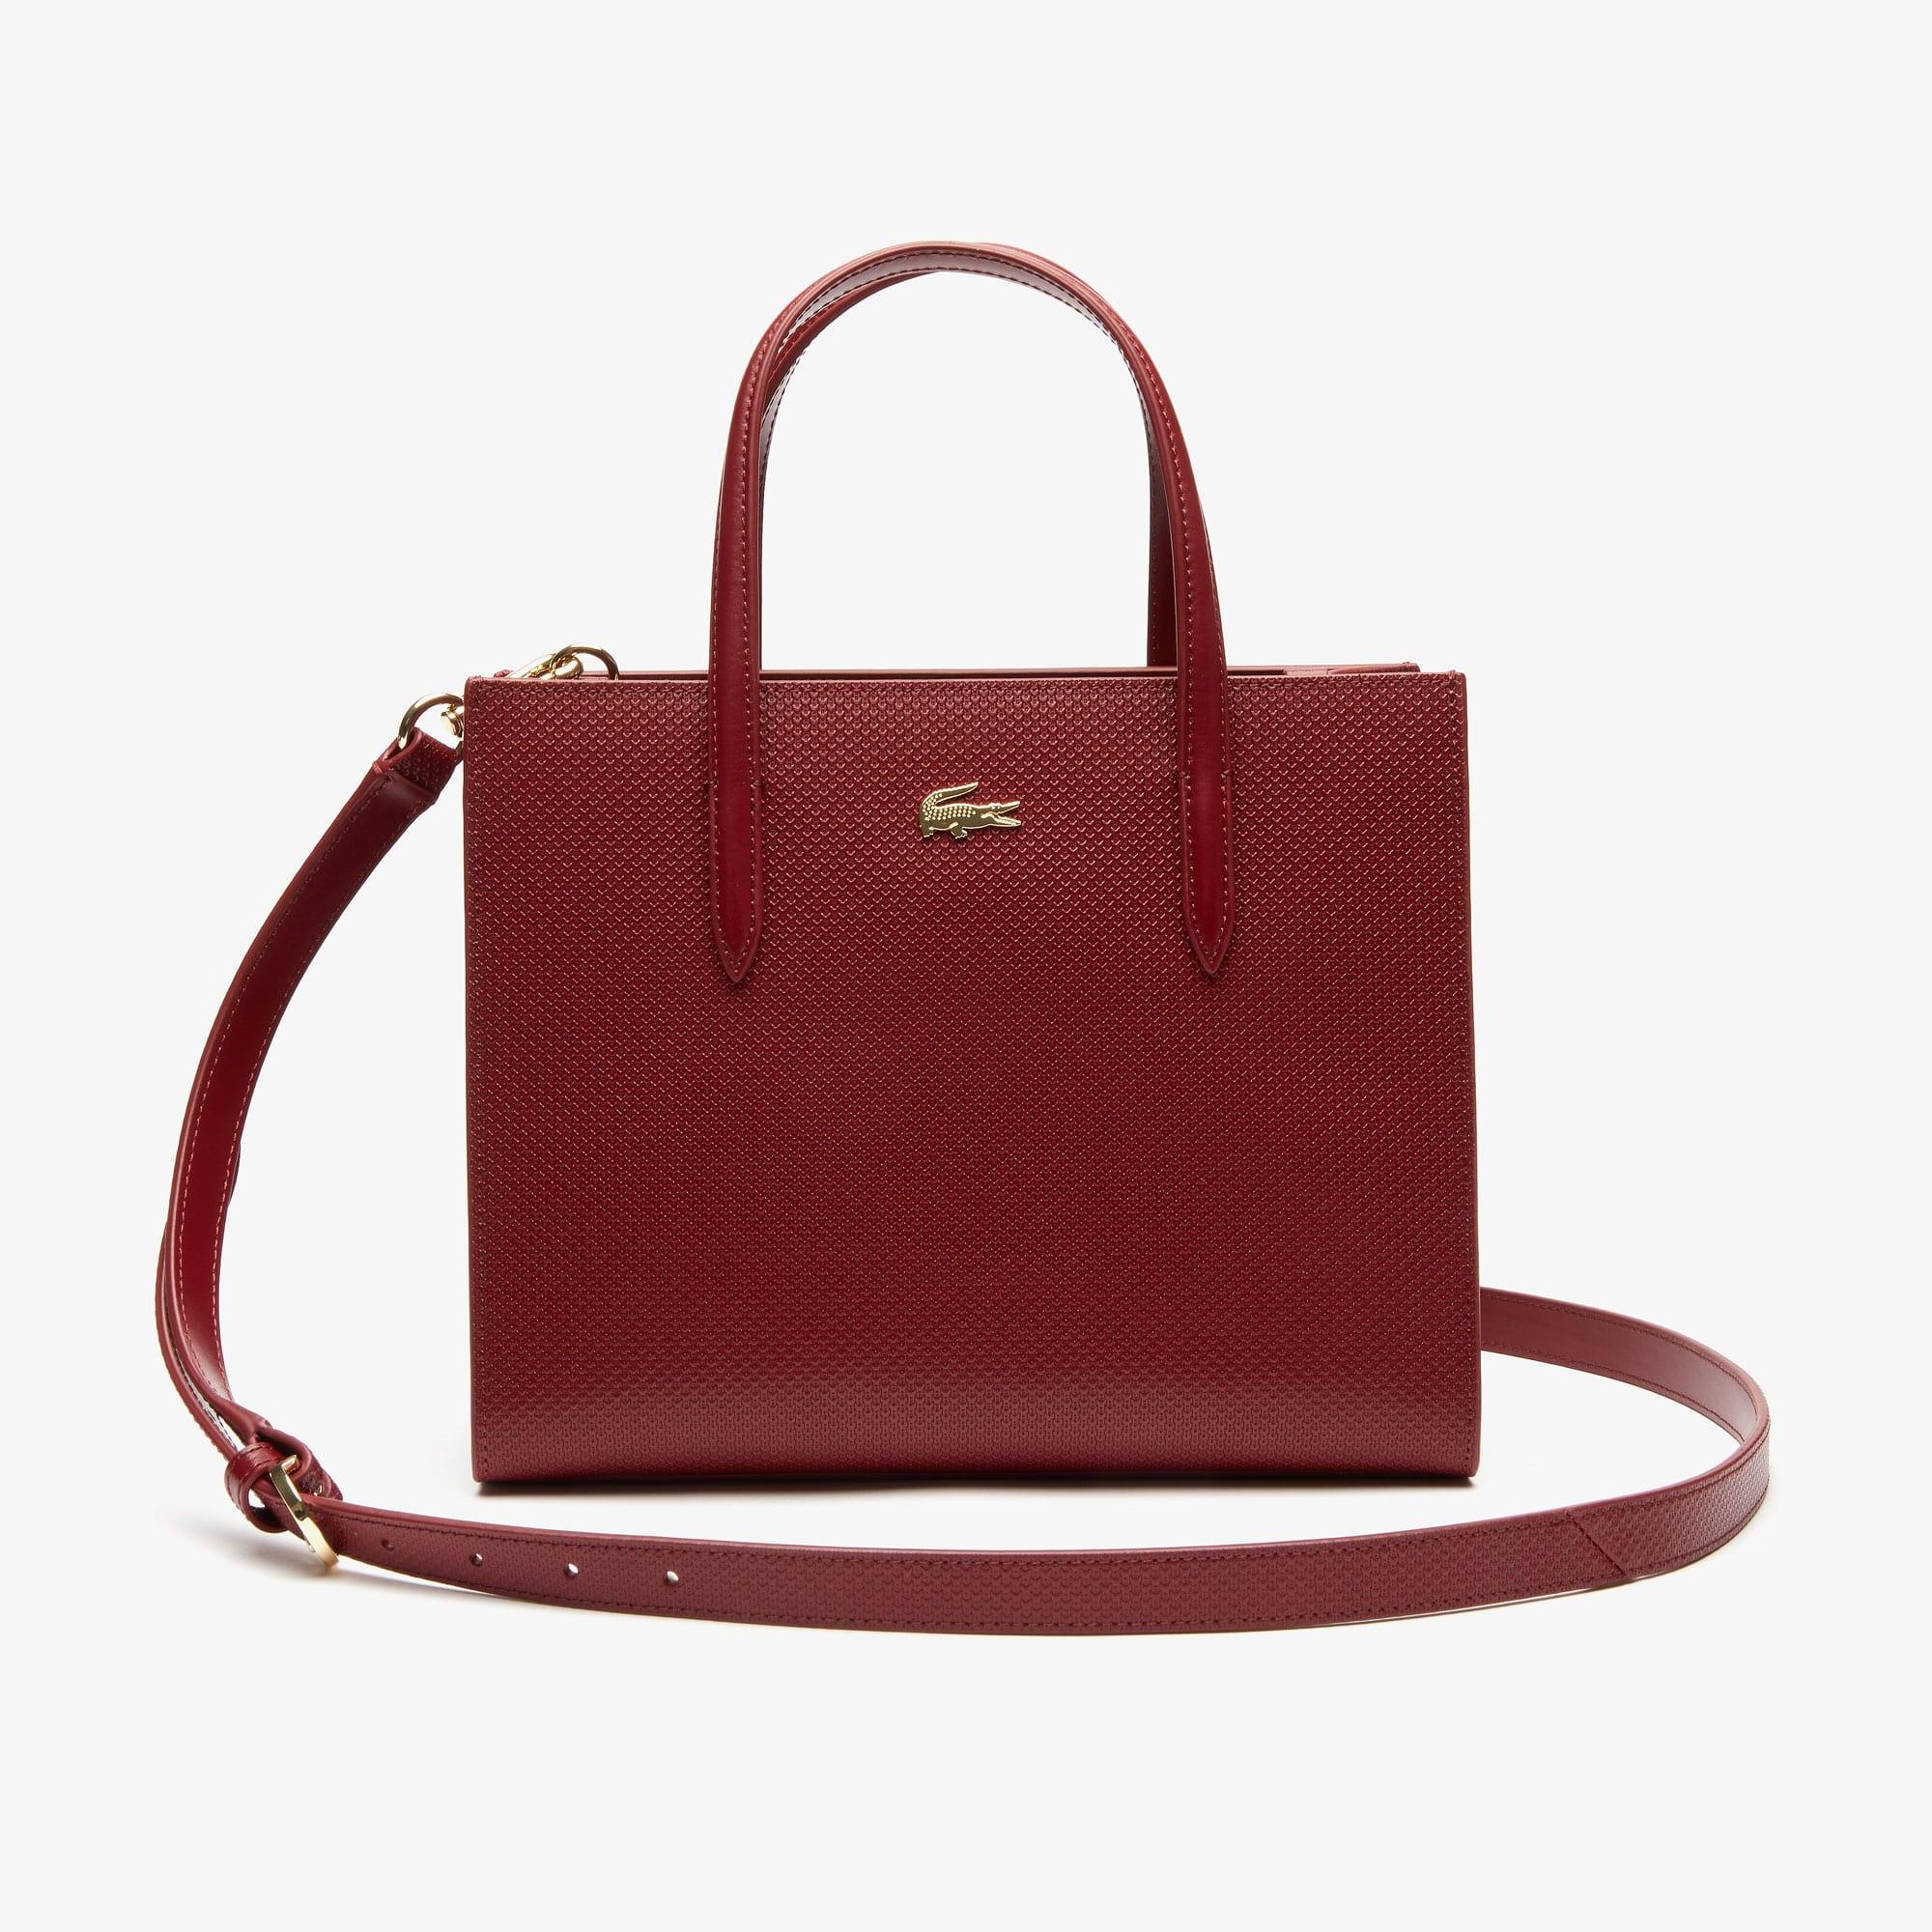 22b36e689e Sacs à main cuir, sacs cabas | Maroquinerie femme | LACOSTE